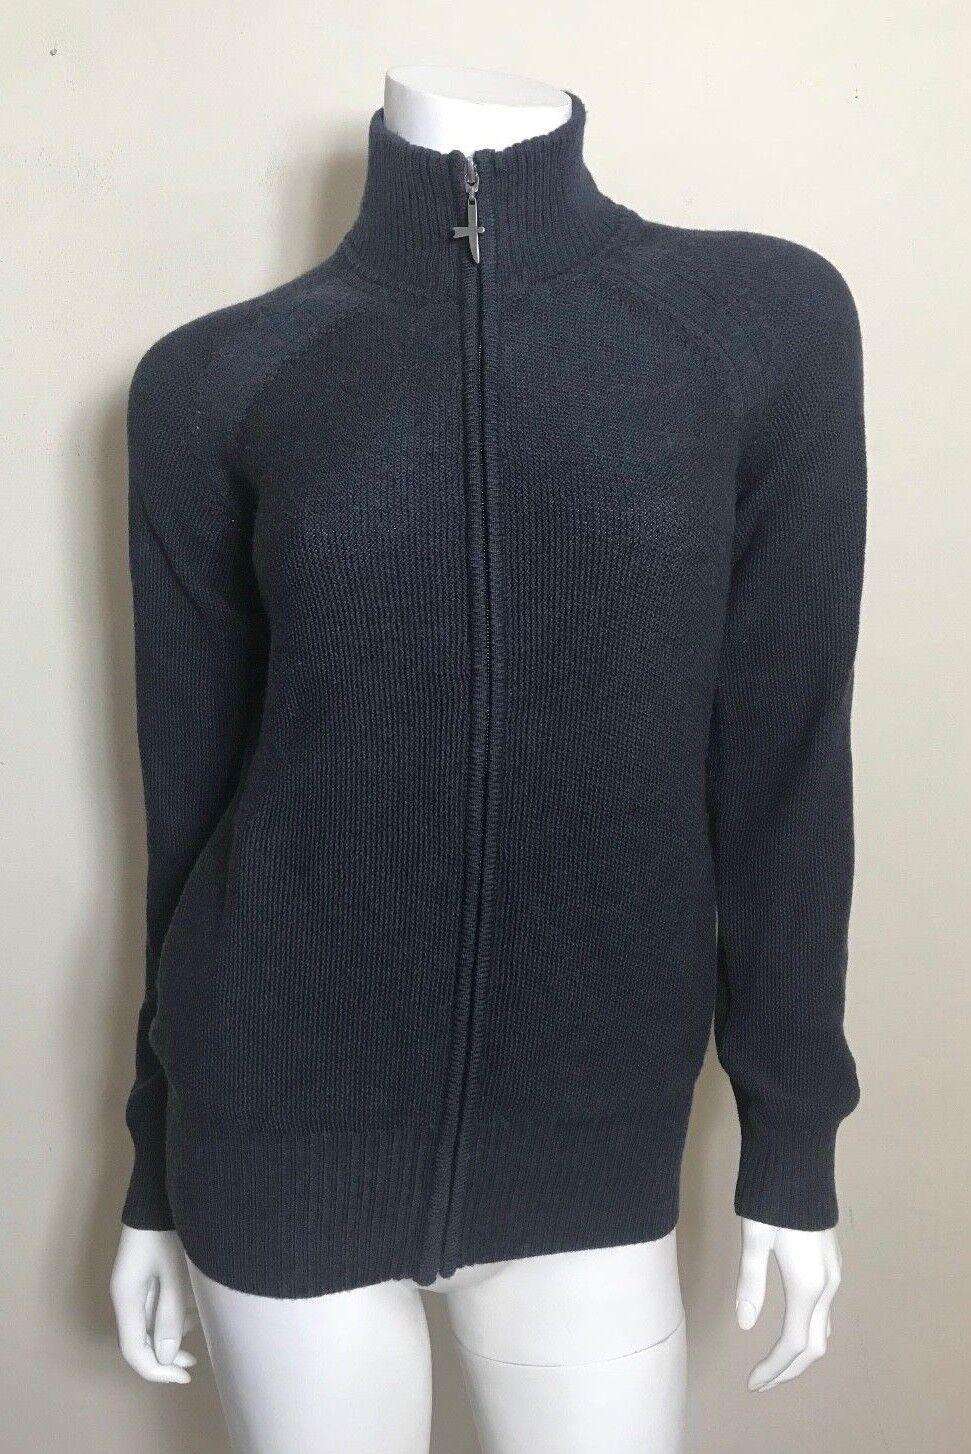 Untouched World NZ Merino Wool Zip Up Sweater in Navy Size S